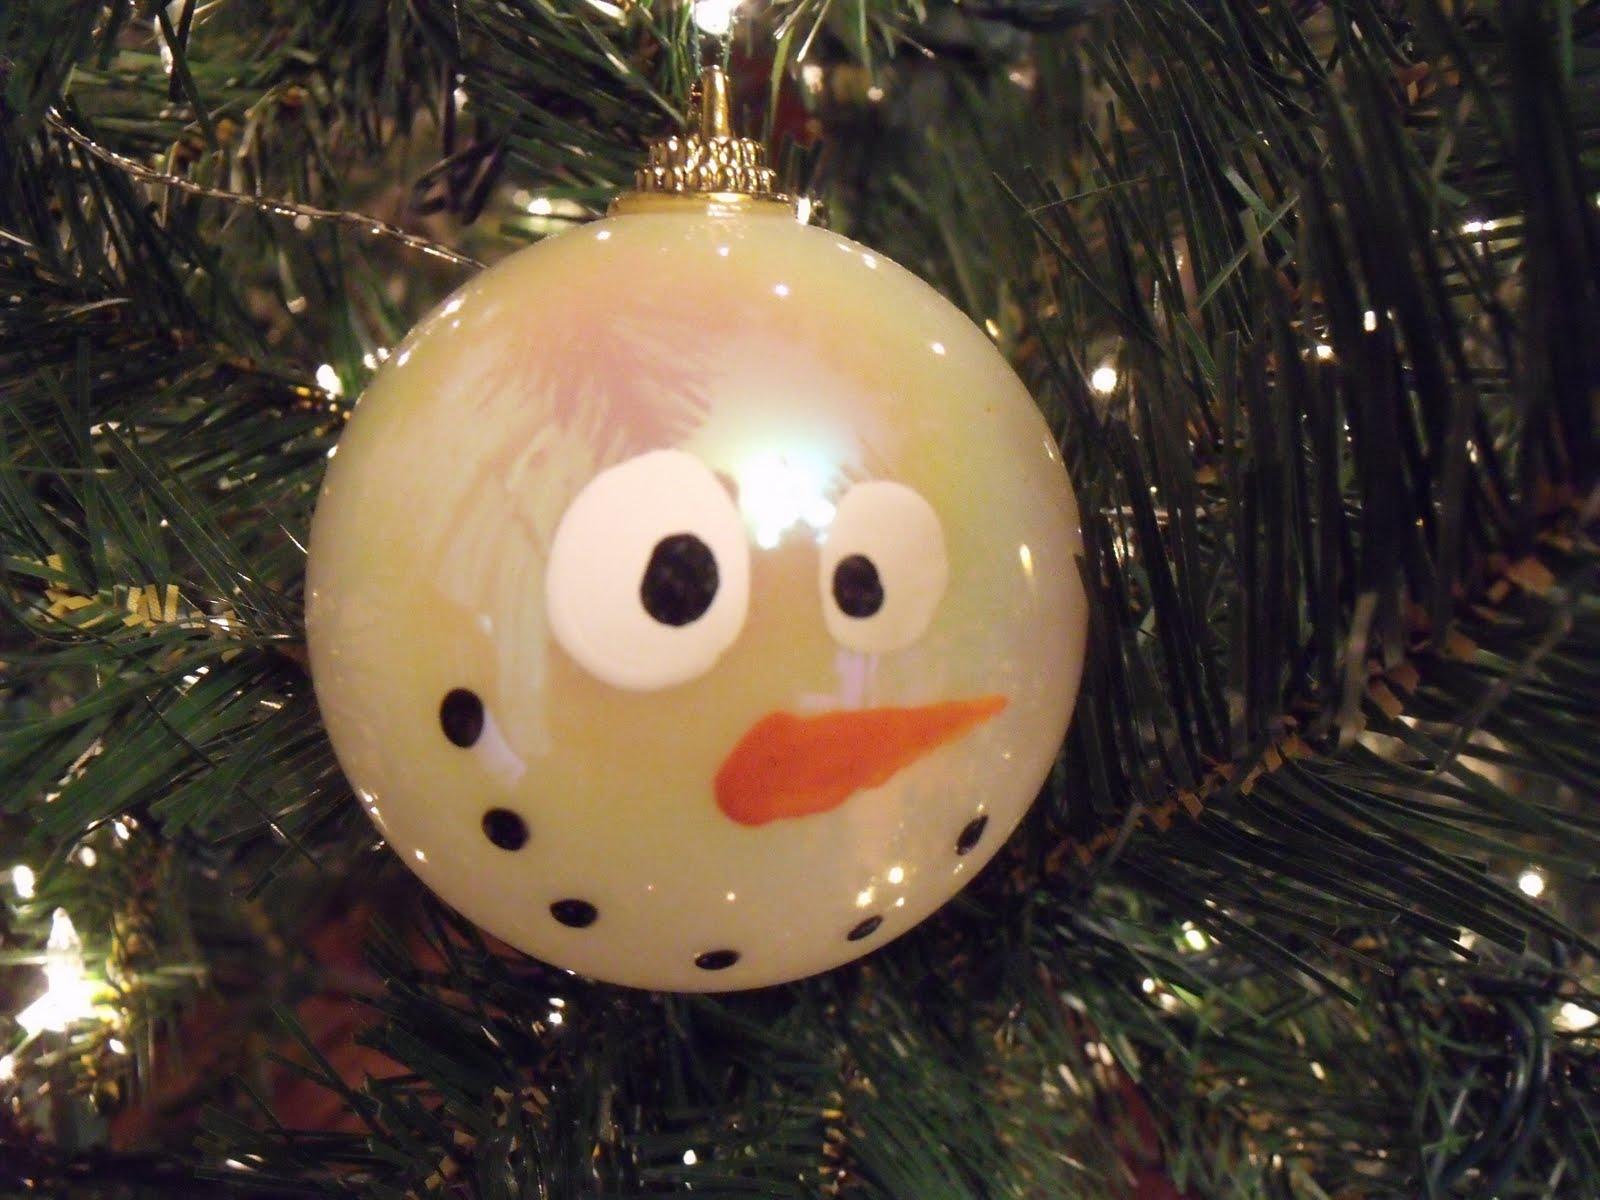 ... Snowman Faces Templates , Snowman Faces Clip Art , Snowman Face